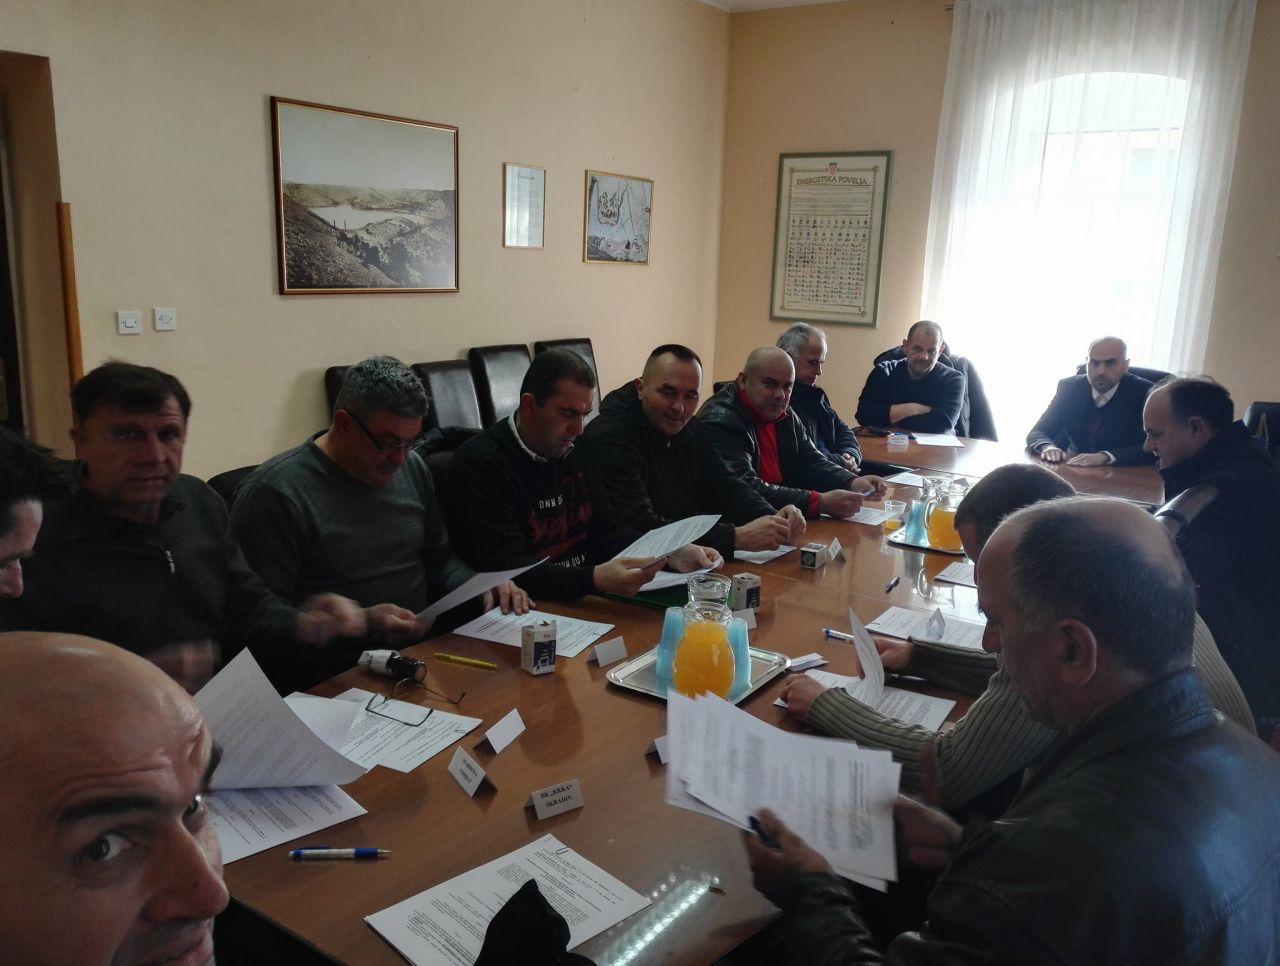 Grad Skradin s udrugama potpisao Ugovore o sufinanciranju